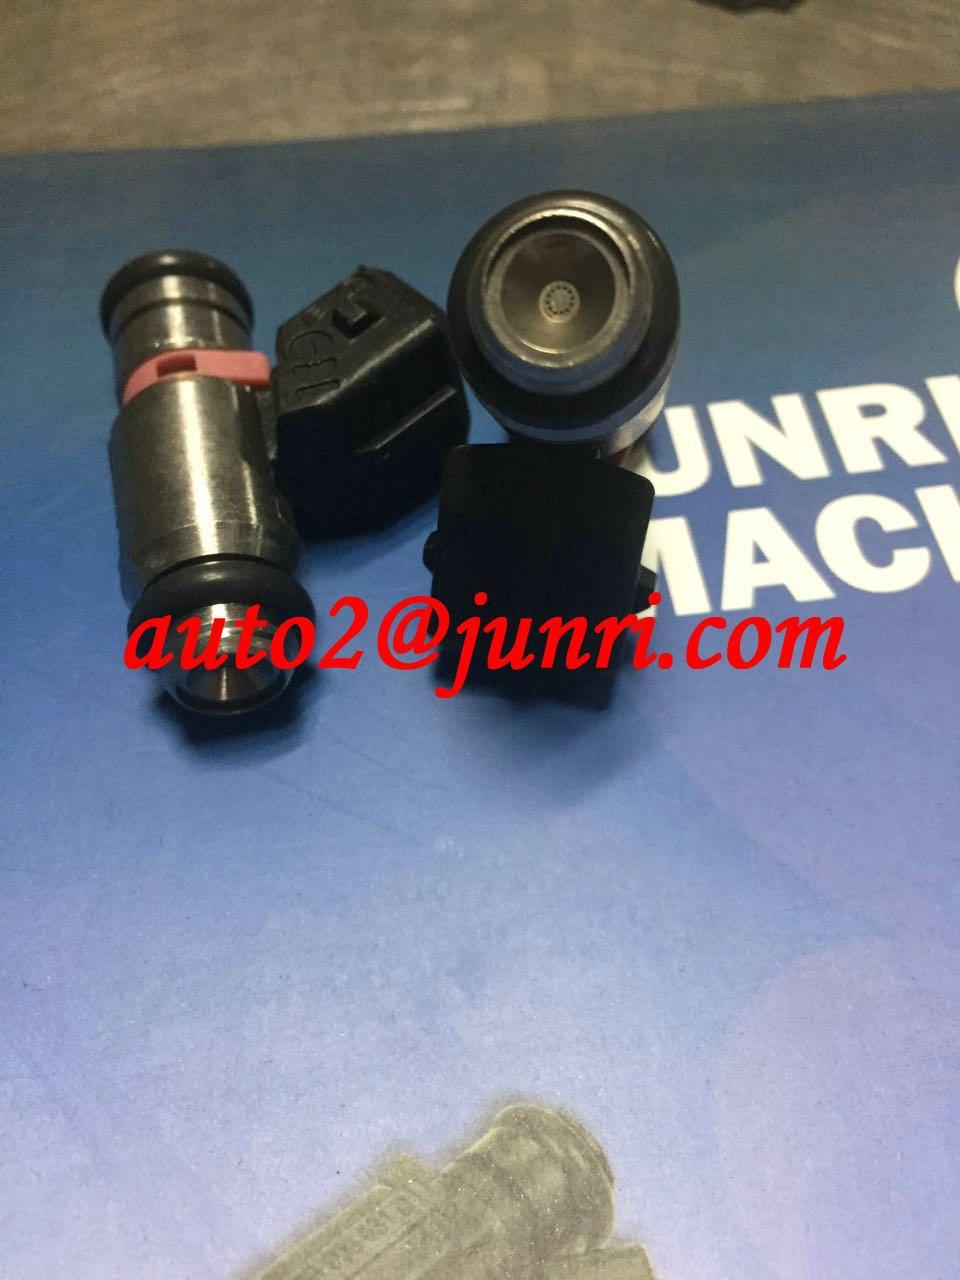 Einspritzventil MARELLI IWP189 BICO Einspritzdüse für MOTOCYCLE